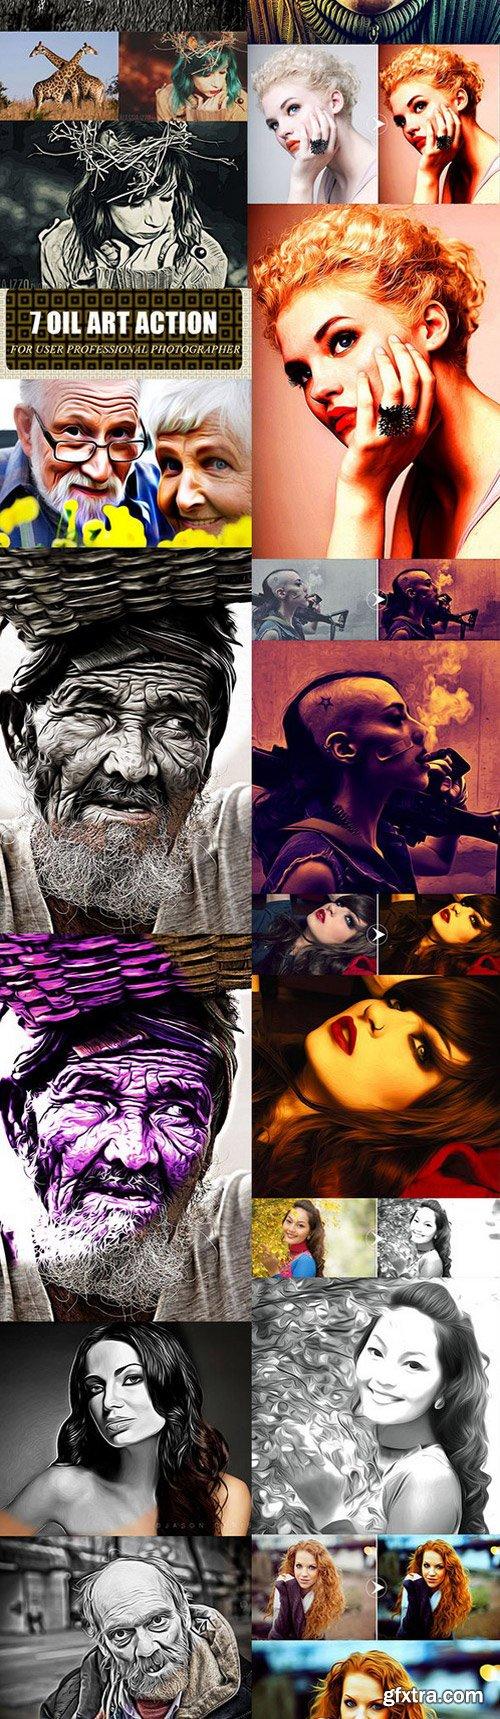 GraphicRiver - Oil Paint Art Photoshop Action Bundle 11456612